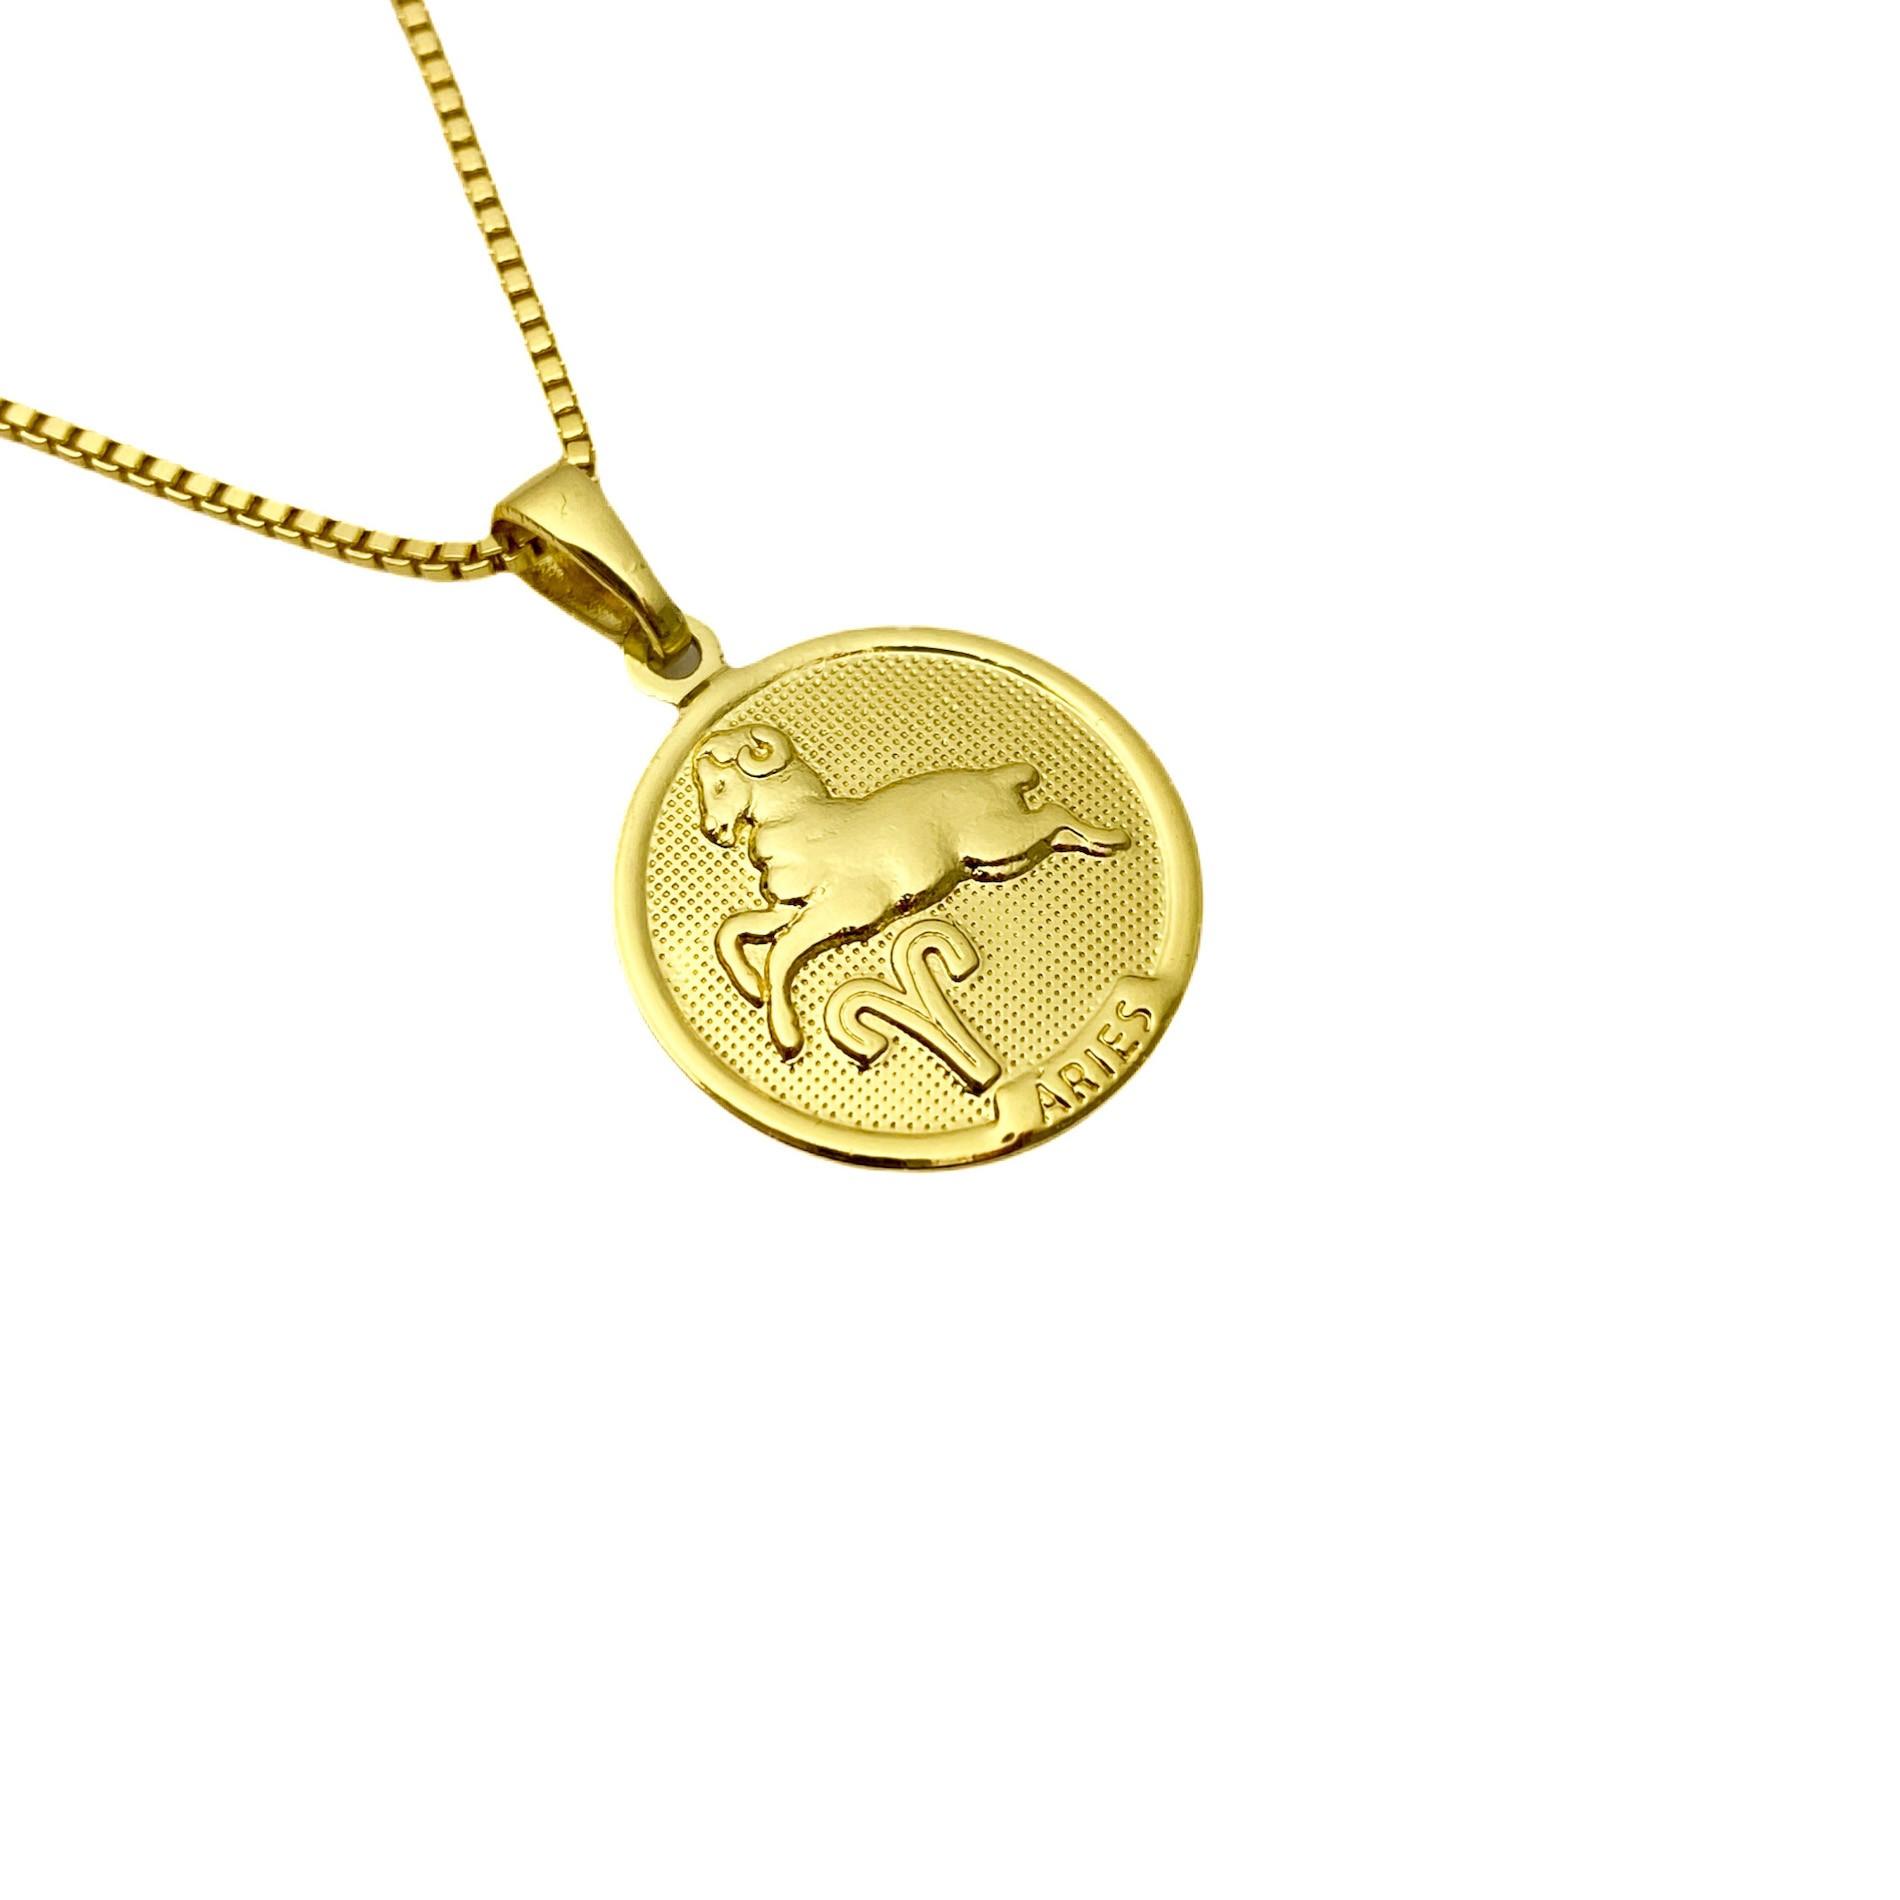 Pingente Signo Aries 1,5cm X 1,5cm